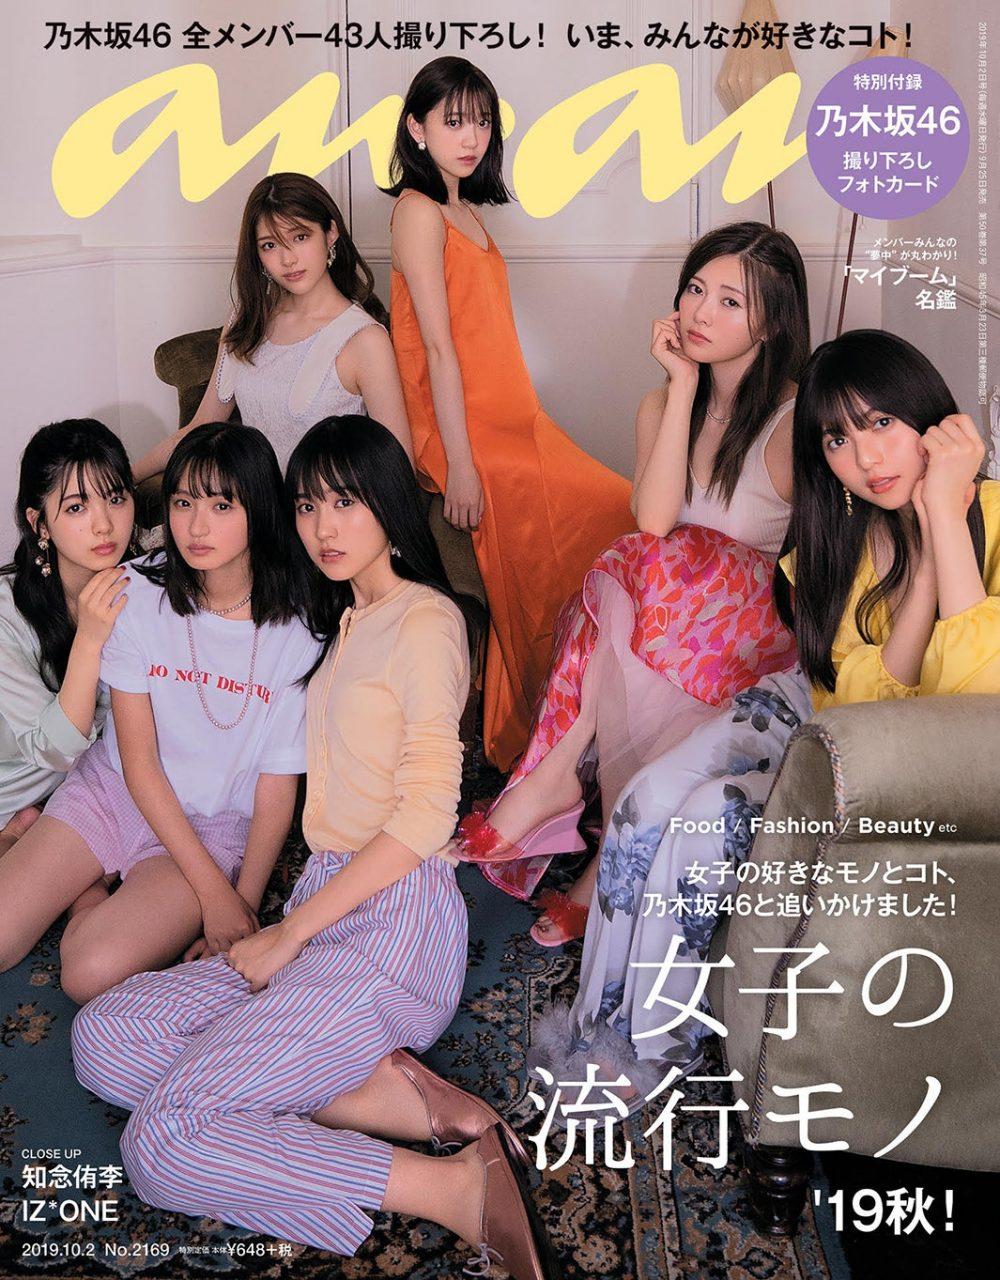 乃木坂46 全メンバー43人撮り下ろし!「anan No.2169」9/25発売!